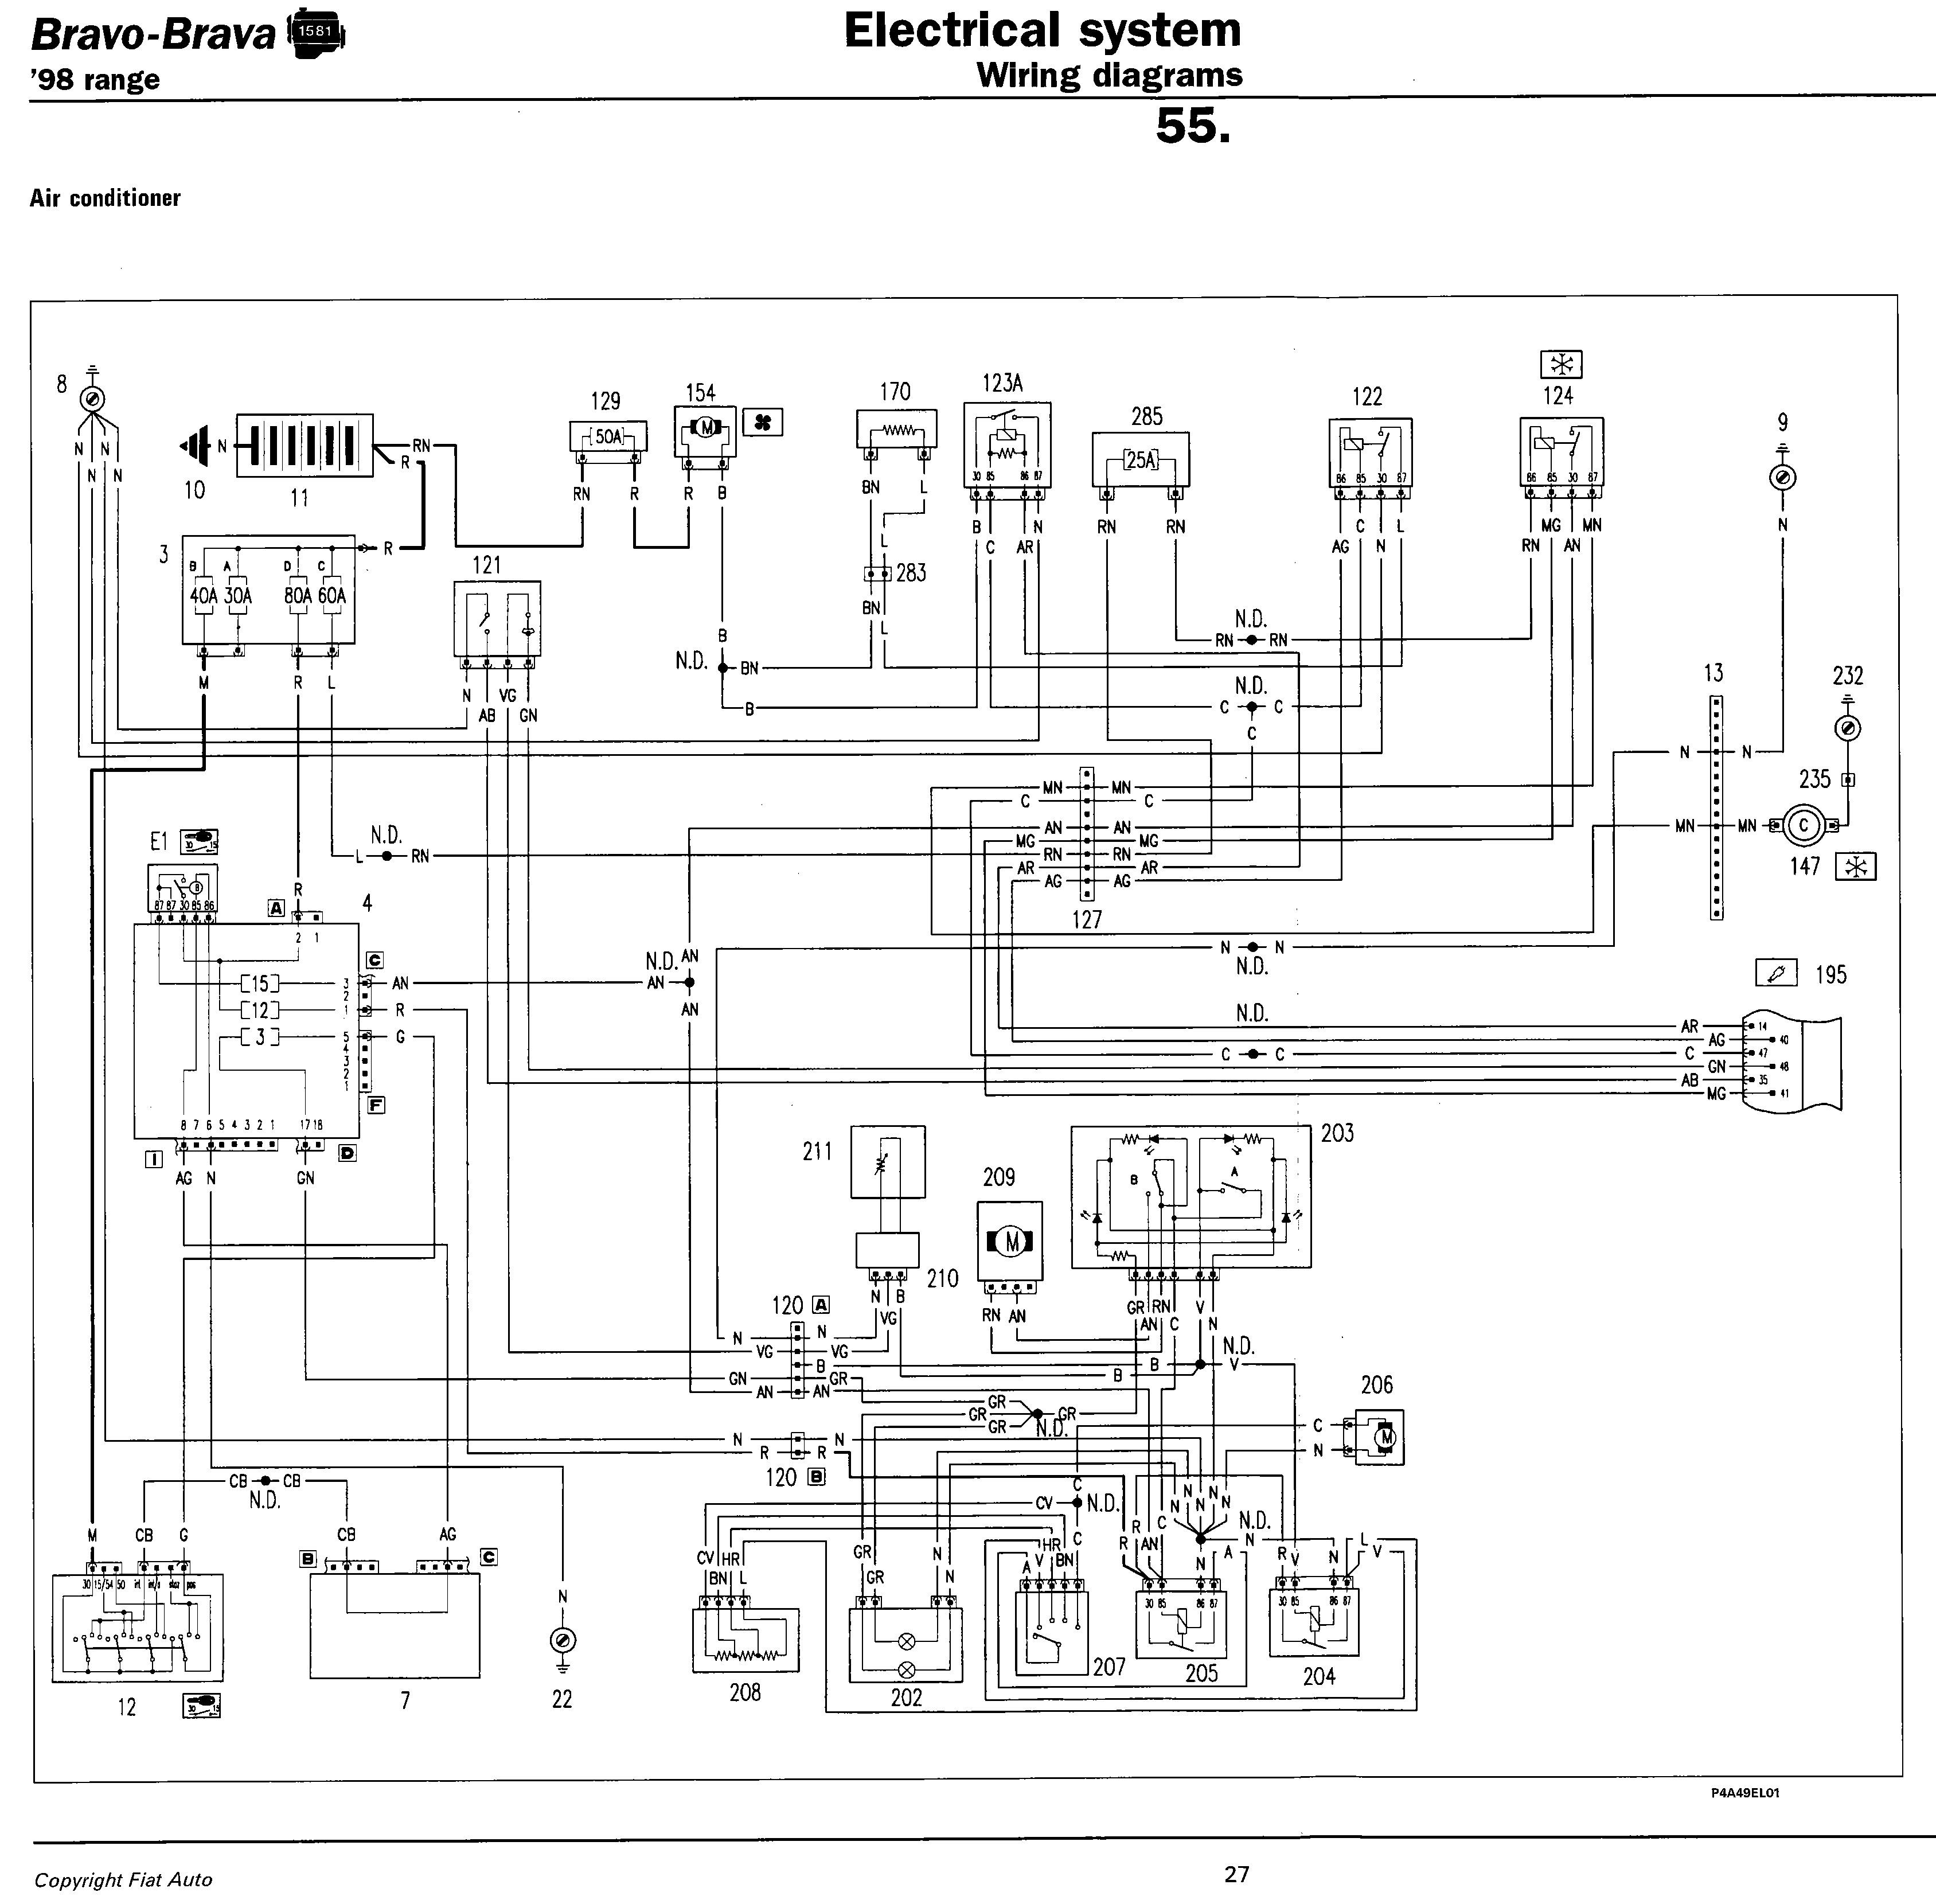 kawasaki 1100 stx jet ski wiring diagram wiring library  kawasaki 1100 jet ski wiring diagram #7